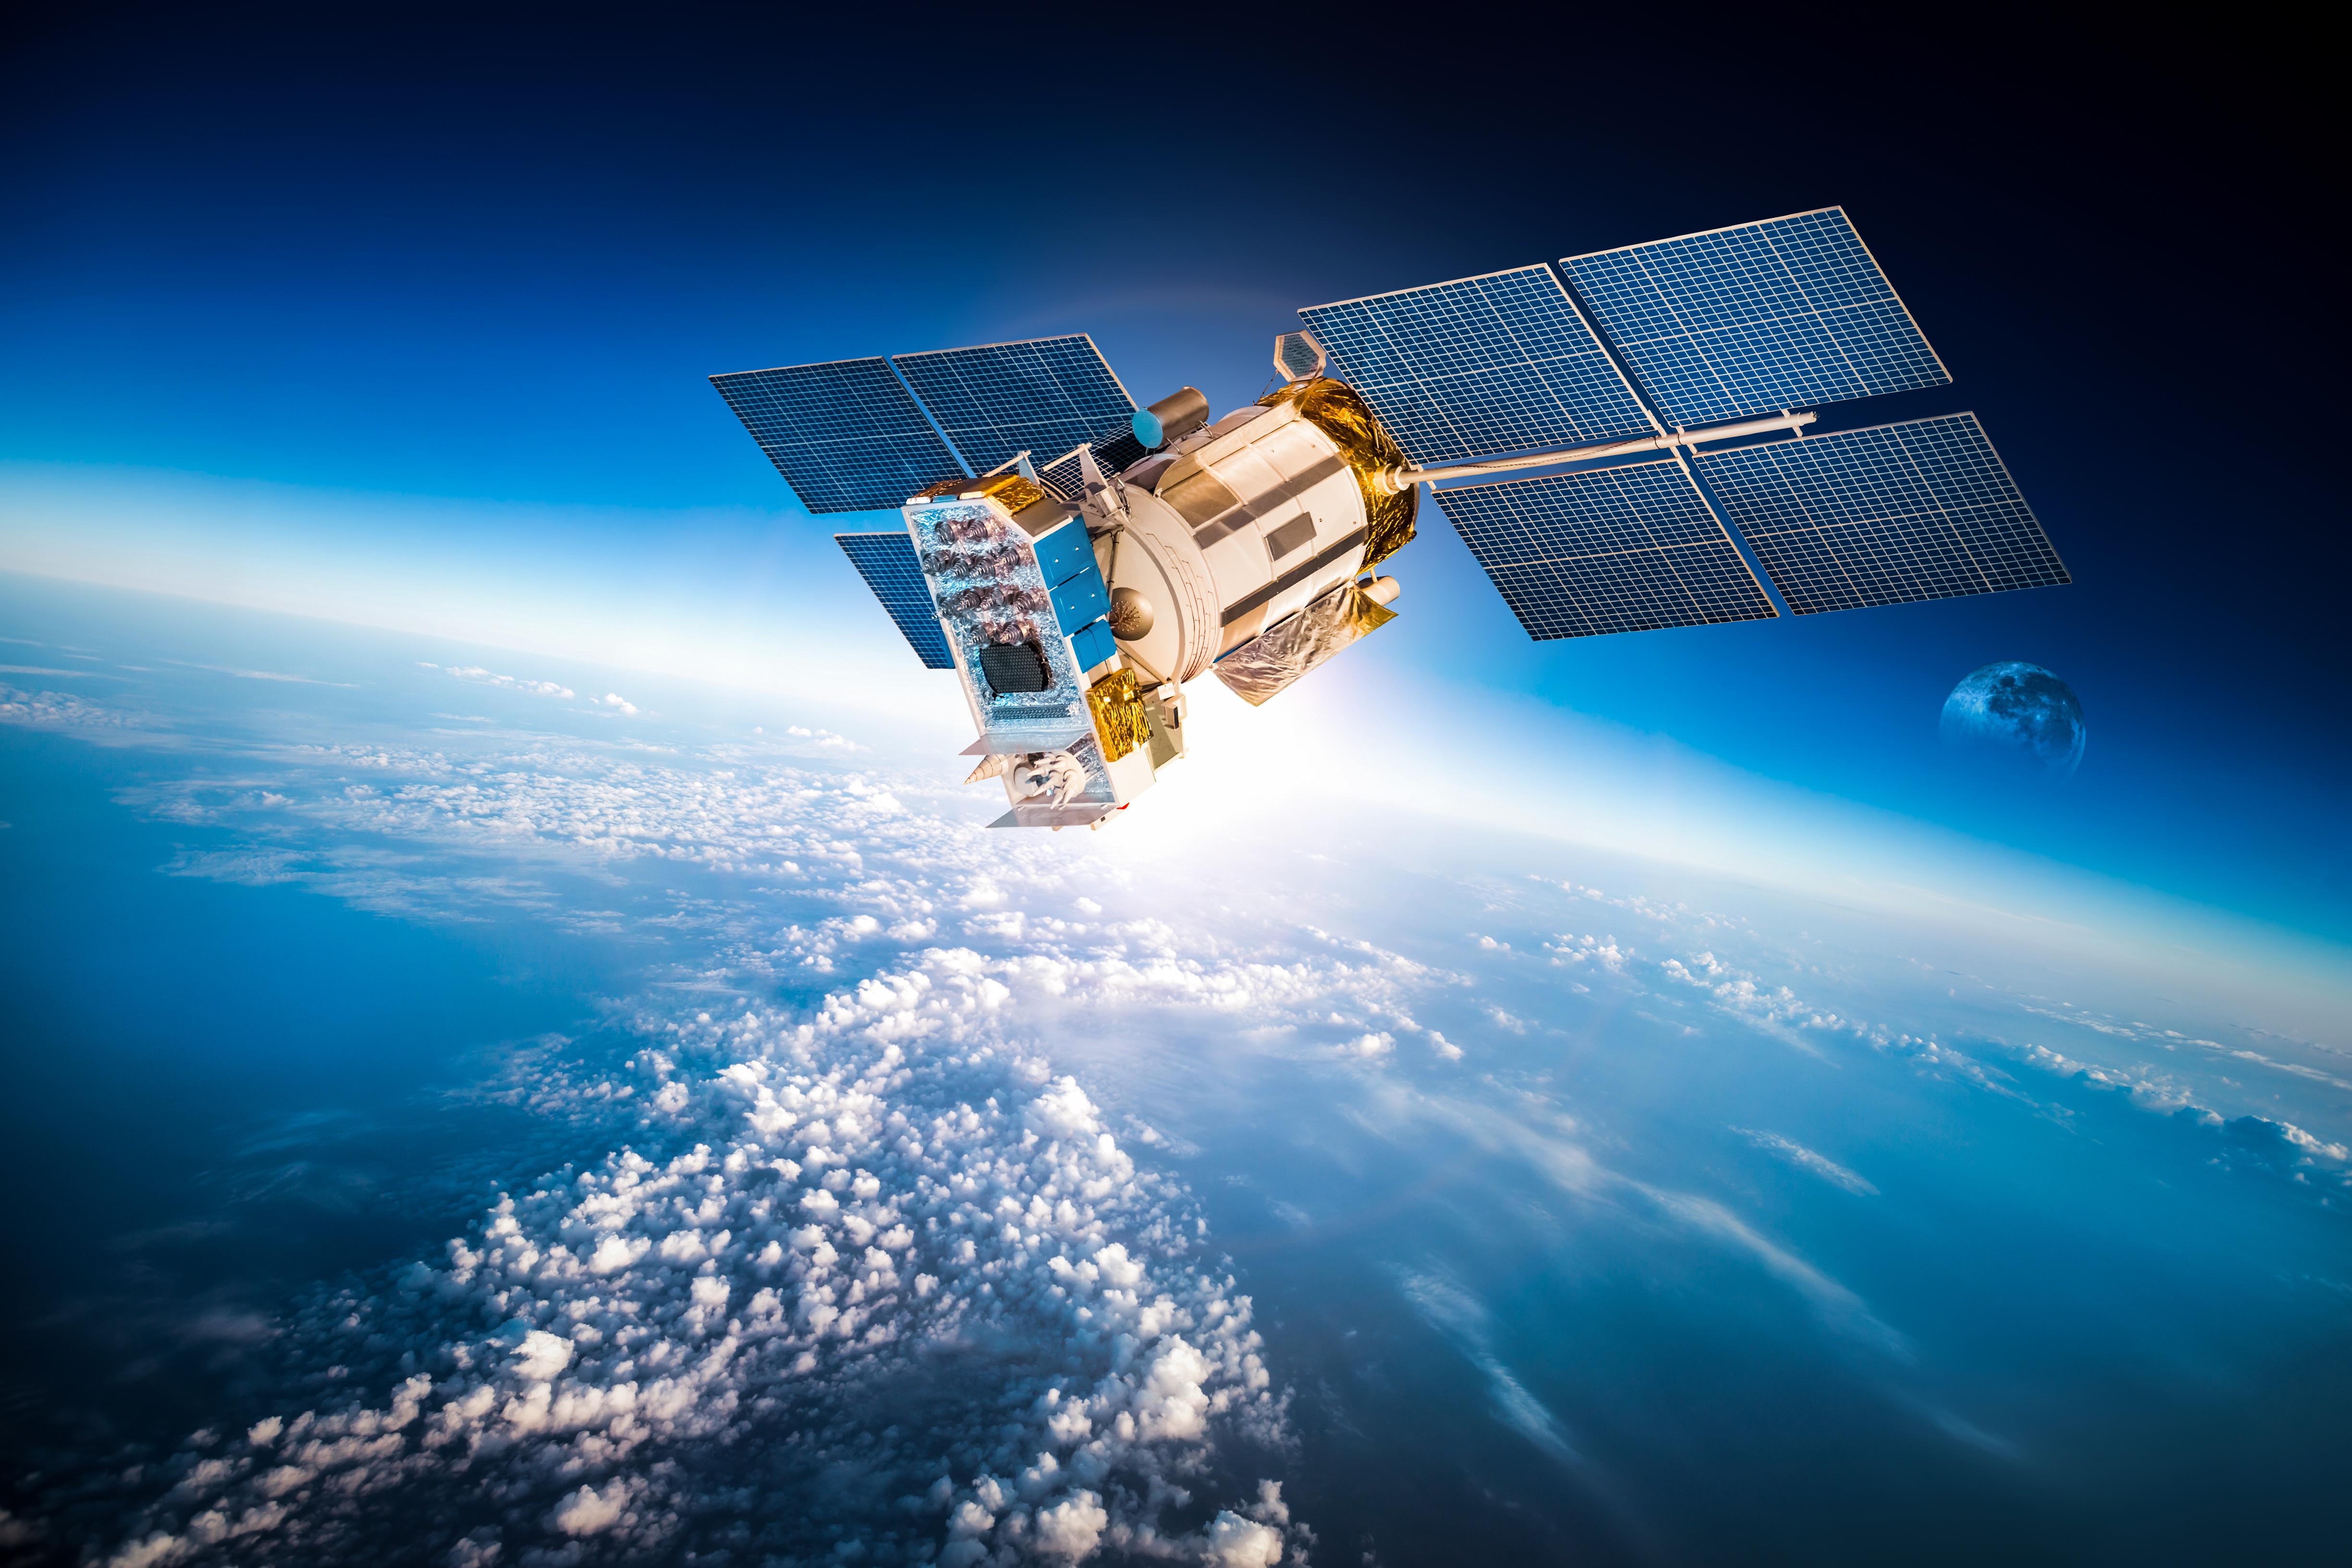 Astrónomo amador descobre satélite que a NASA tinha perdido há 12 anos